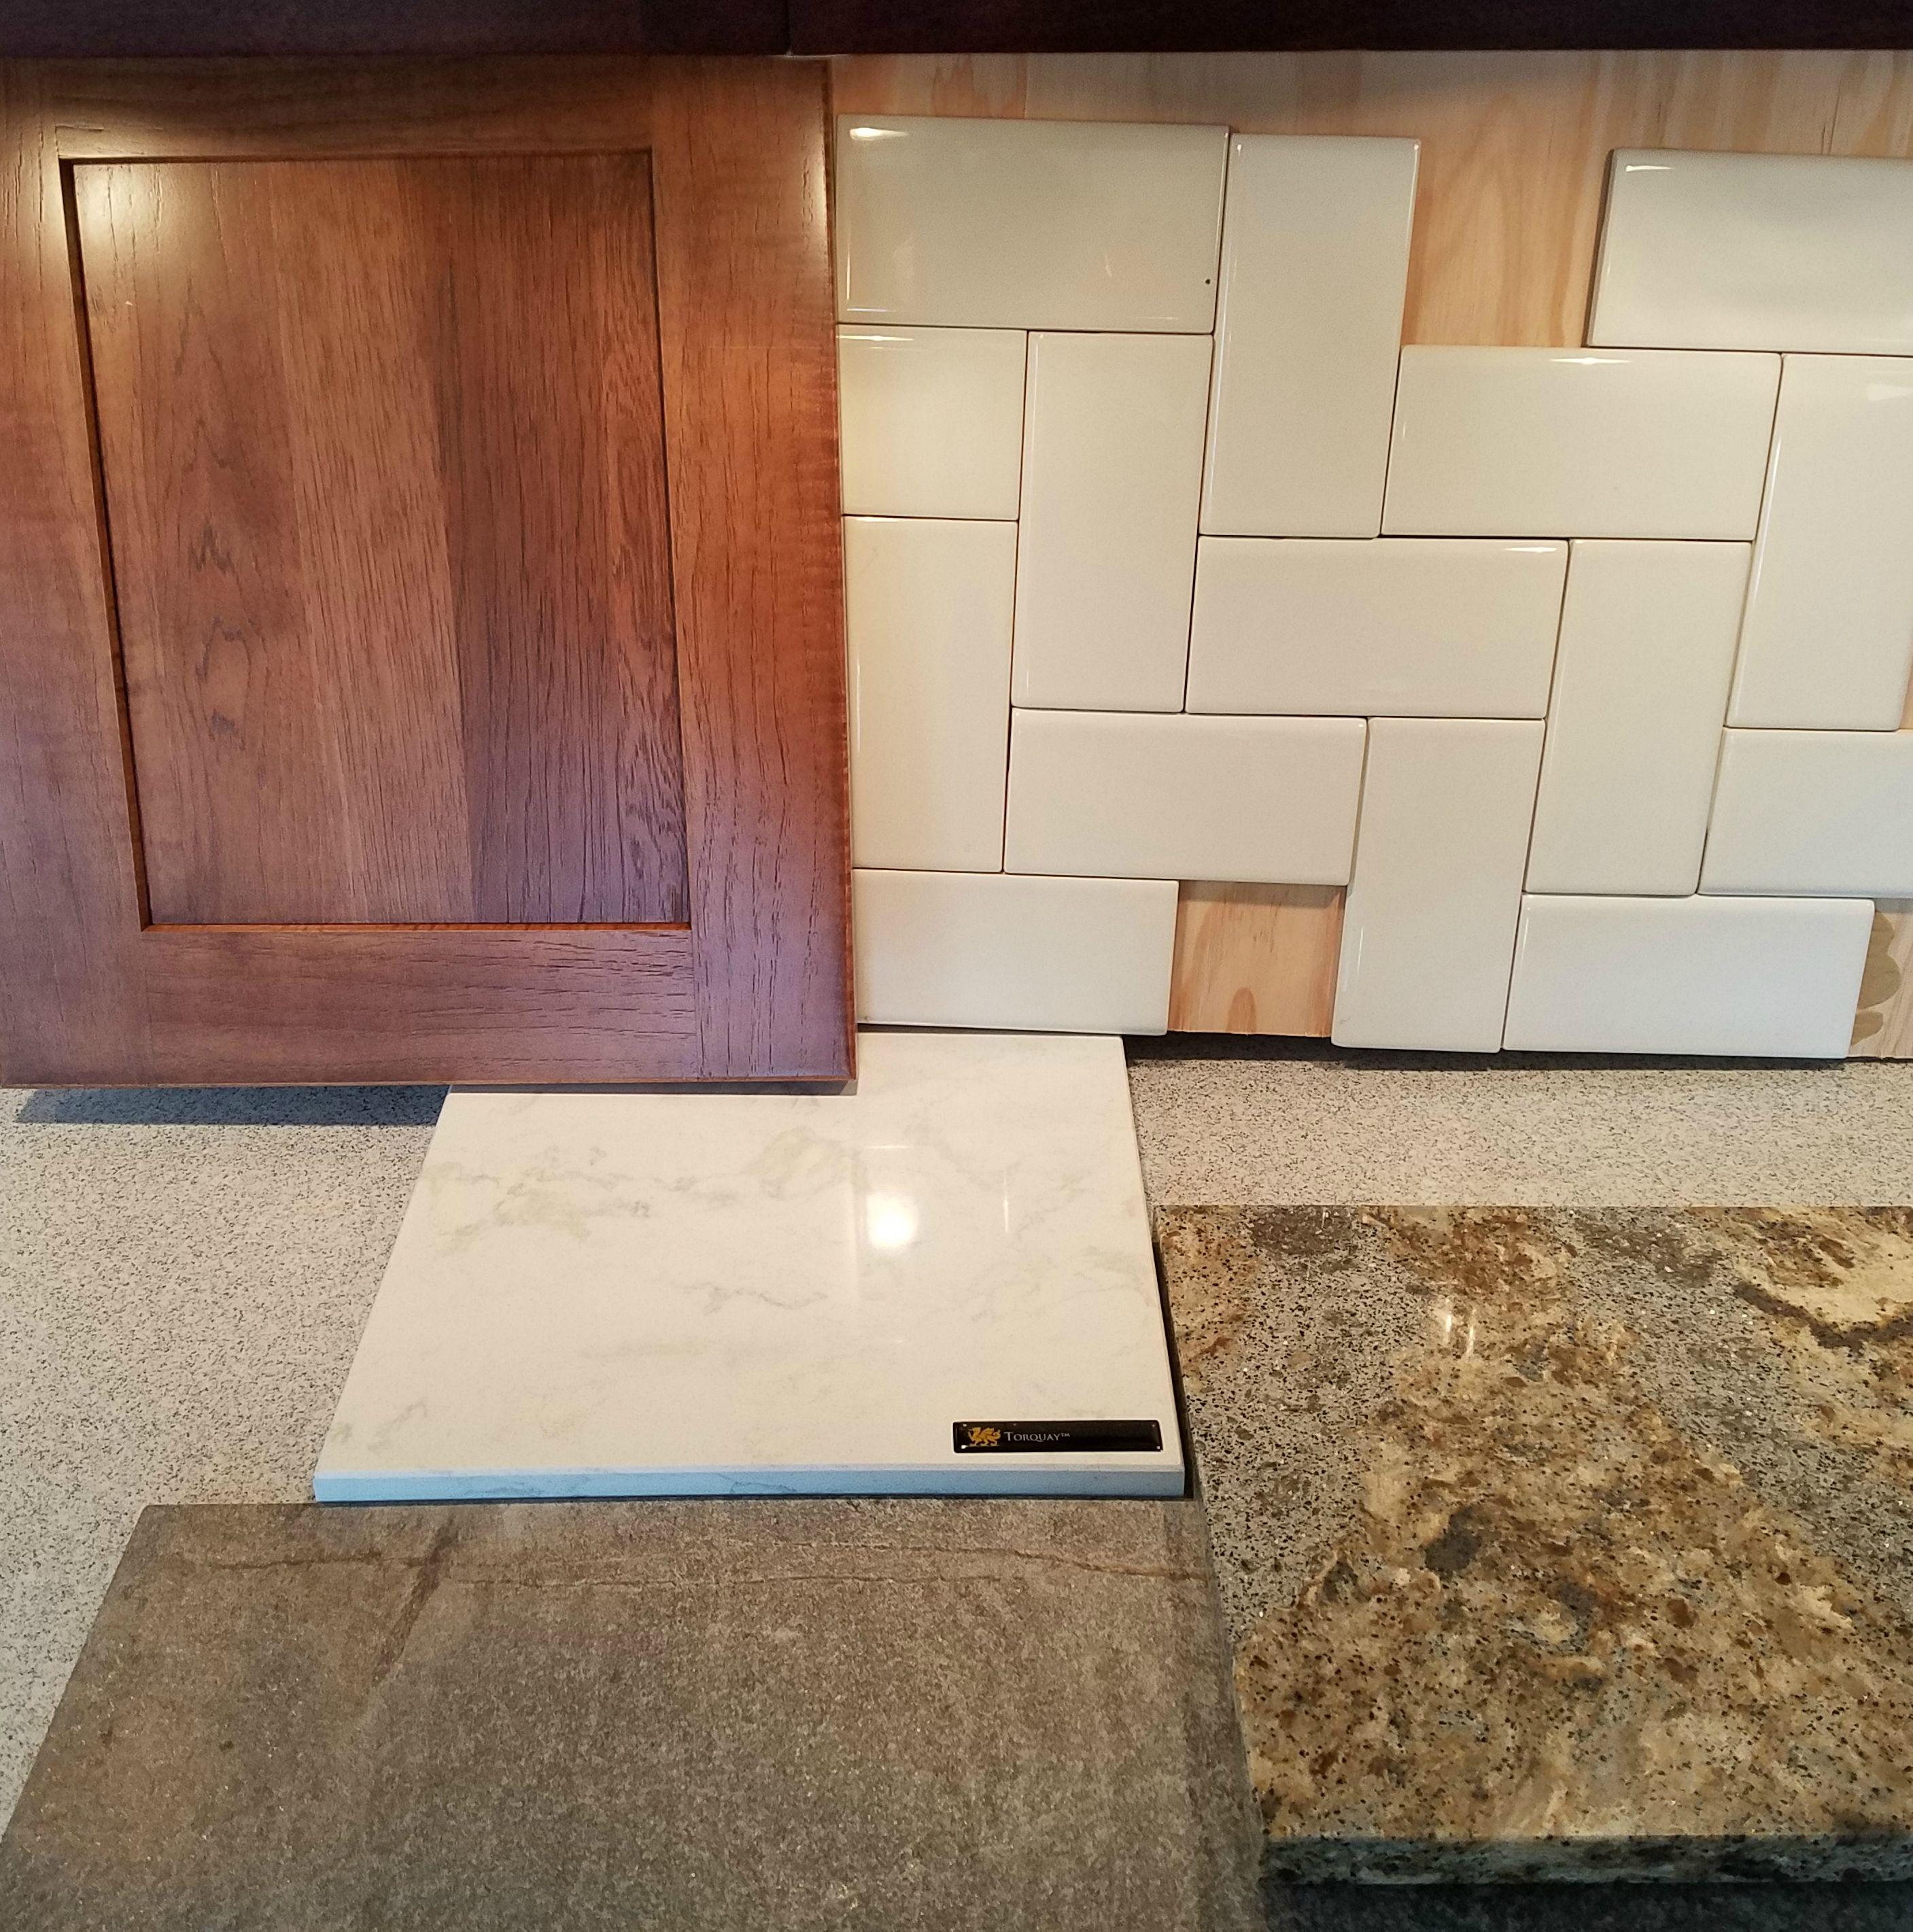 Hickory Door Wamaretto Stain, 3X6 Straight Herringbone Backsplash, Cambria Torquay